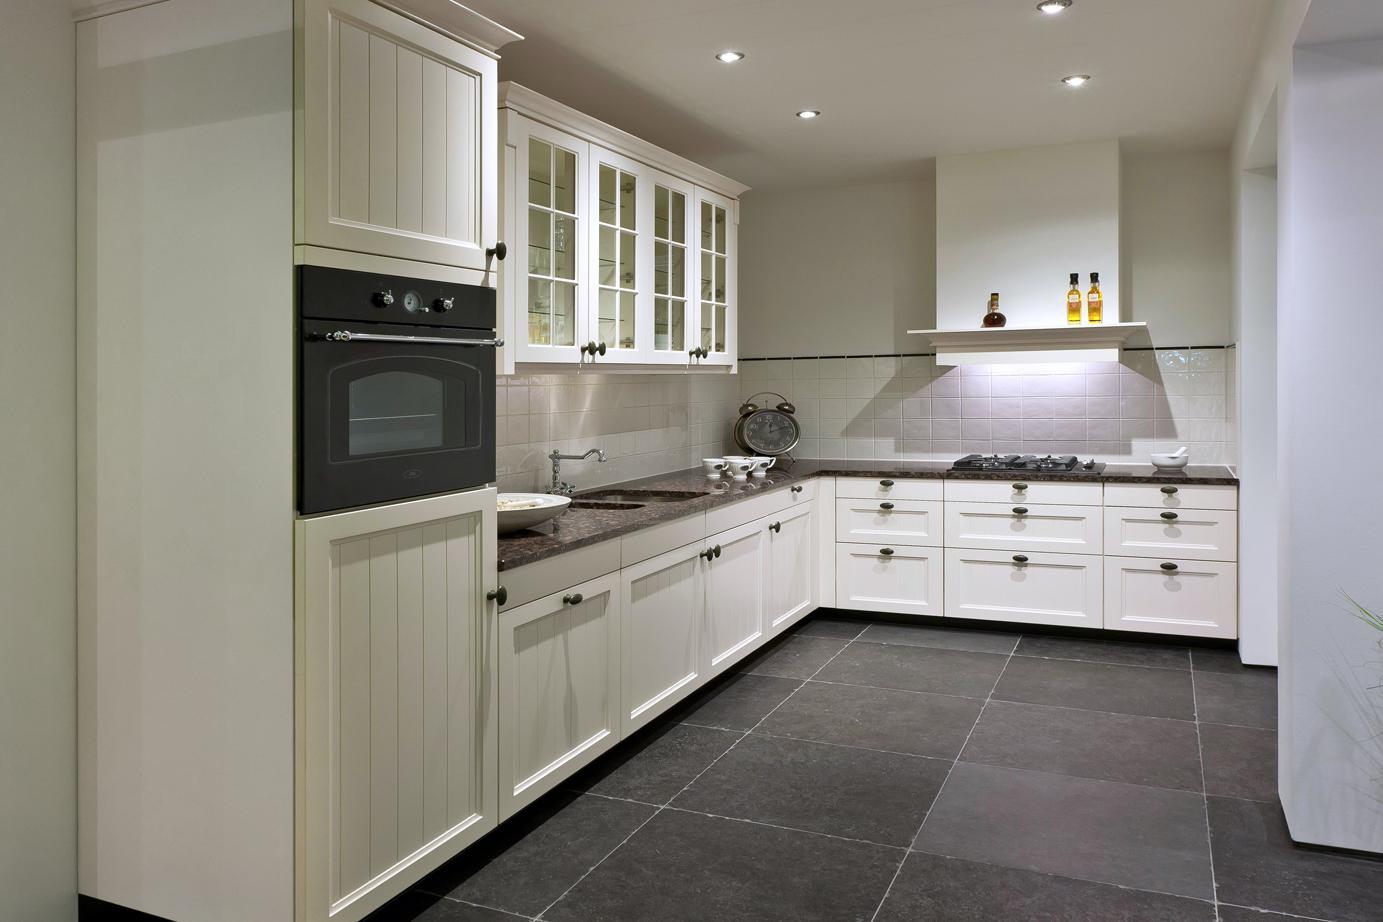 Ikea keuken spoelbak u2013 informatie over de keuken